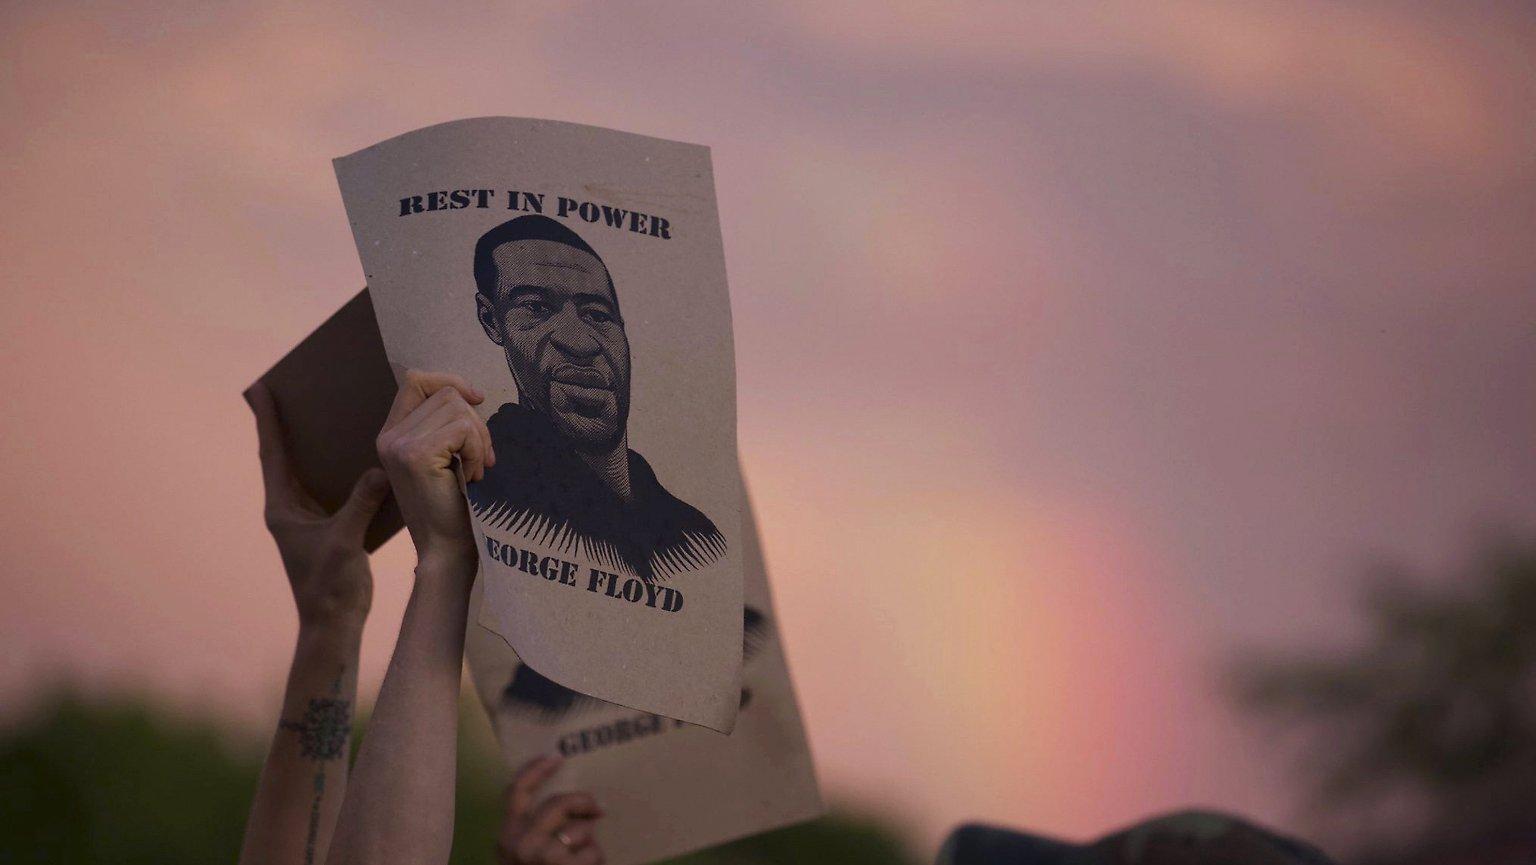 Des mains brandissent des images en hommage à George Floyd.